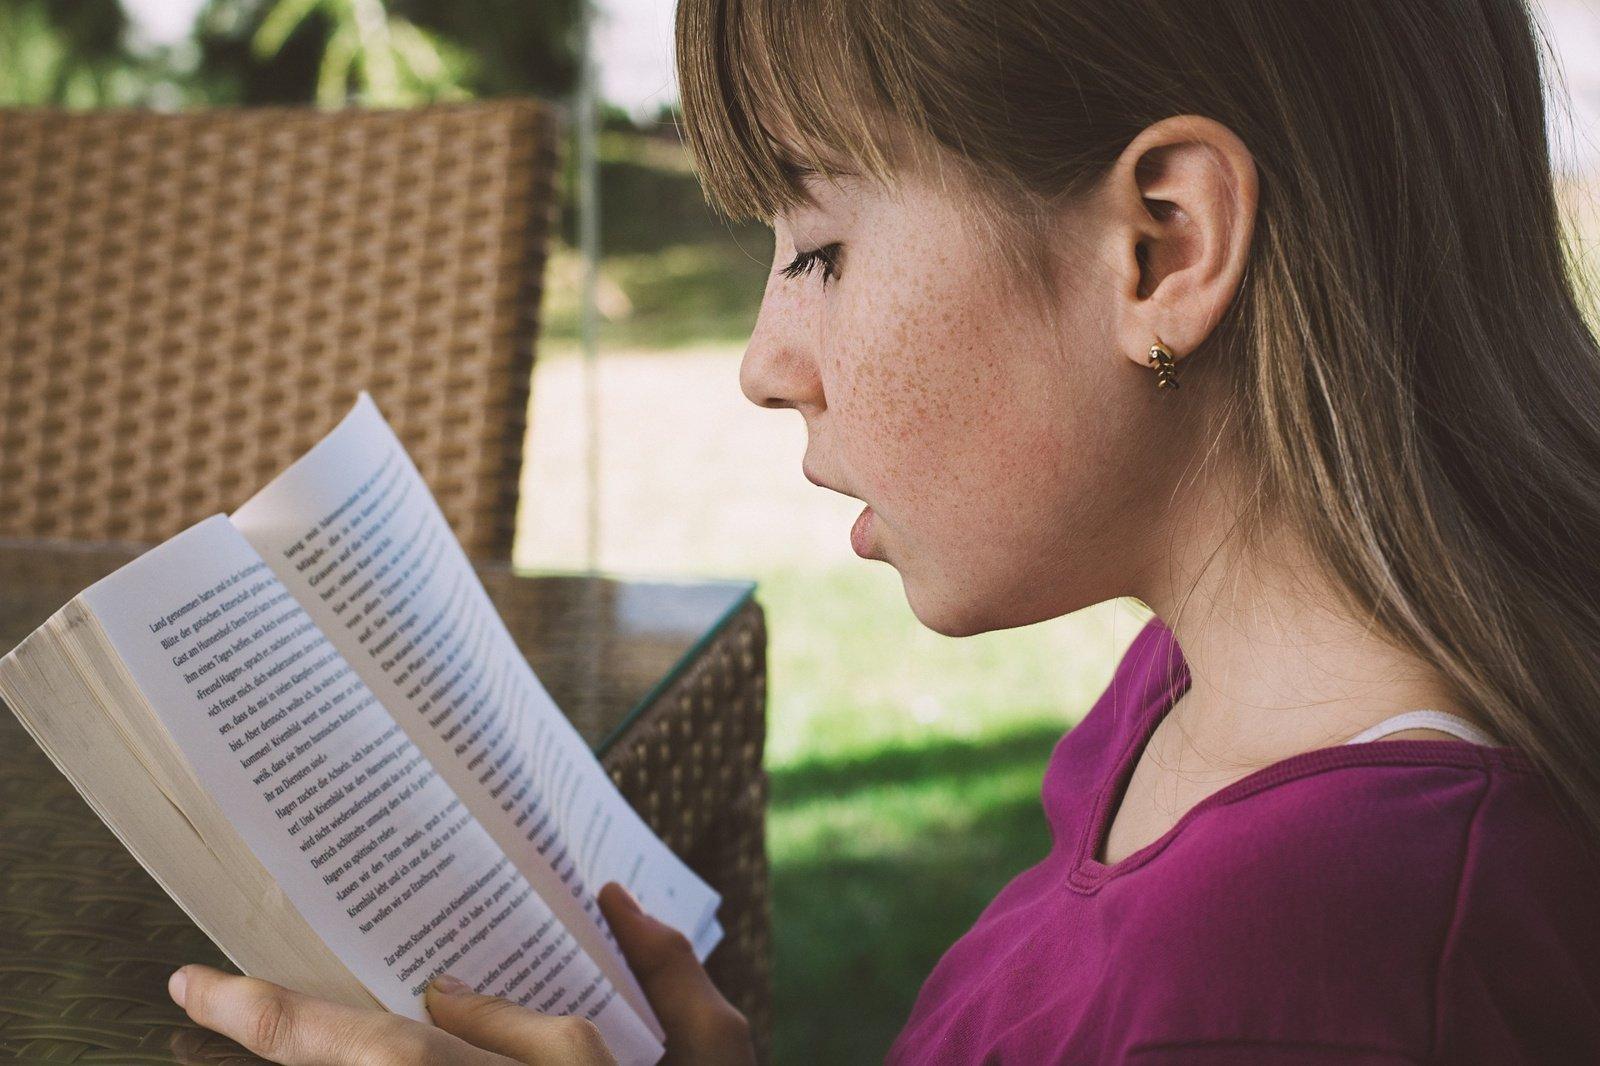 Atostogos – puikus metas plėtoti vaiko kalbos įgūdžius